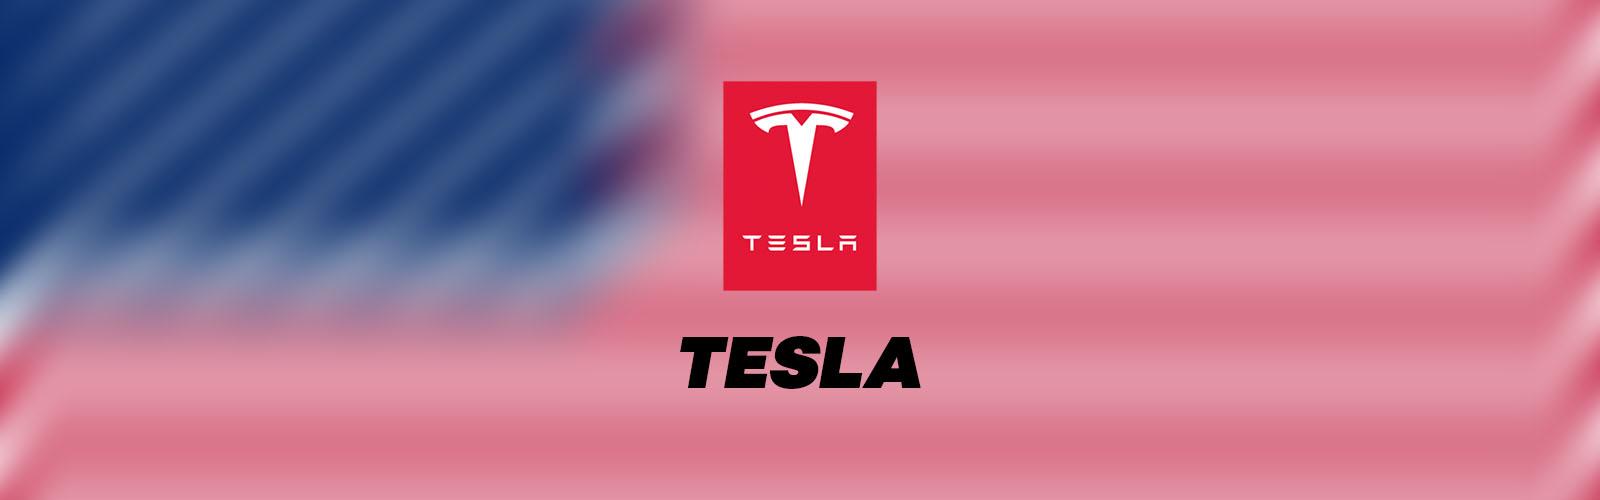 Tesla logo marque